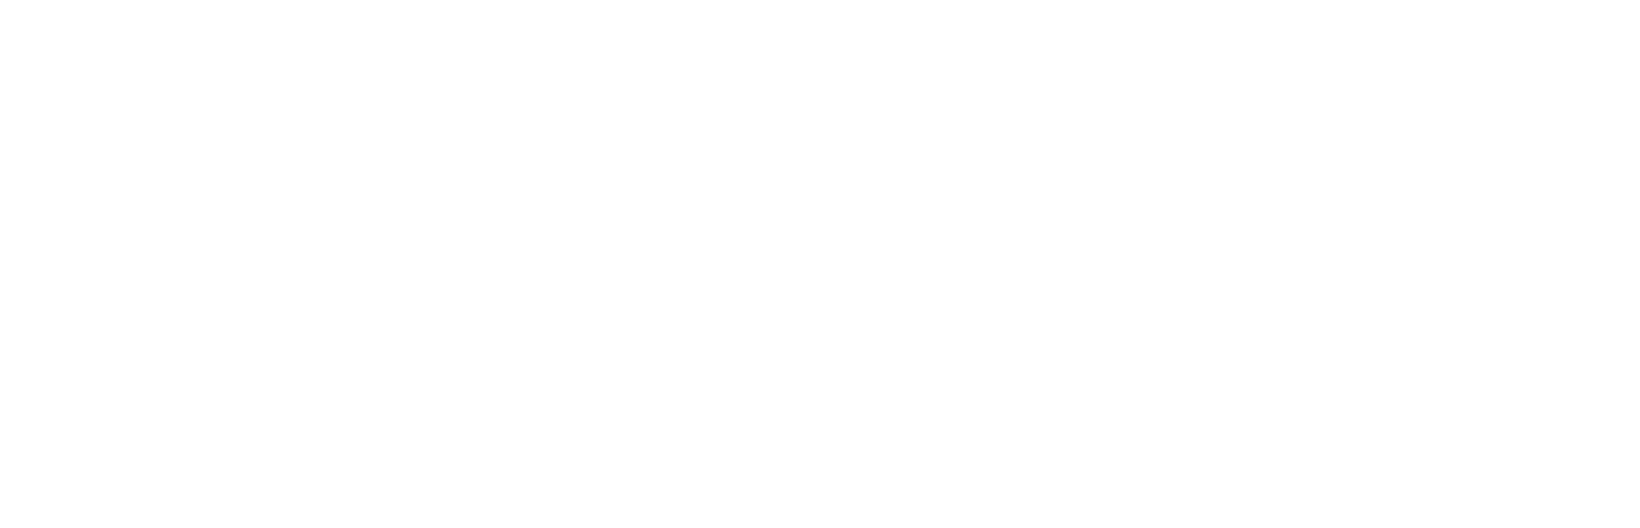 Follett logo